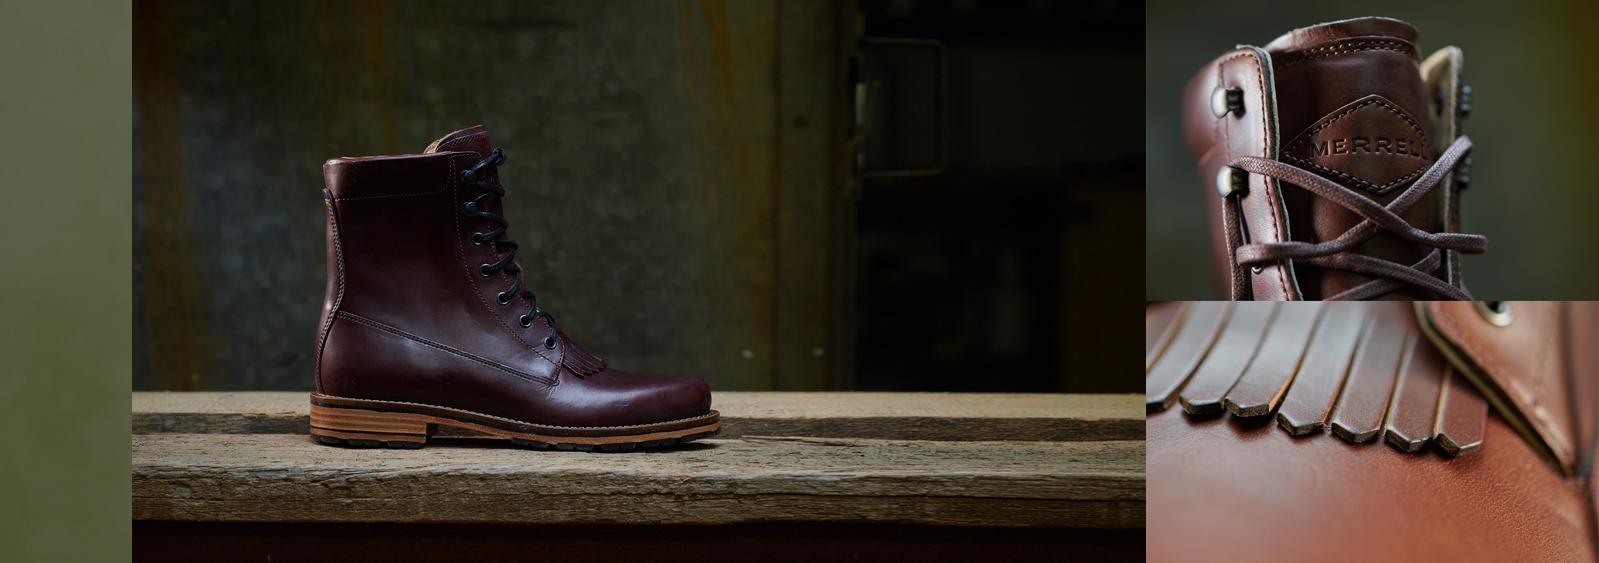 The Wayfarer Ltd Boot